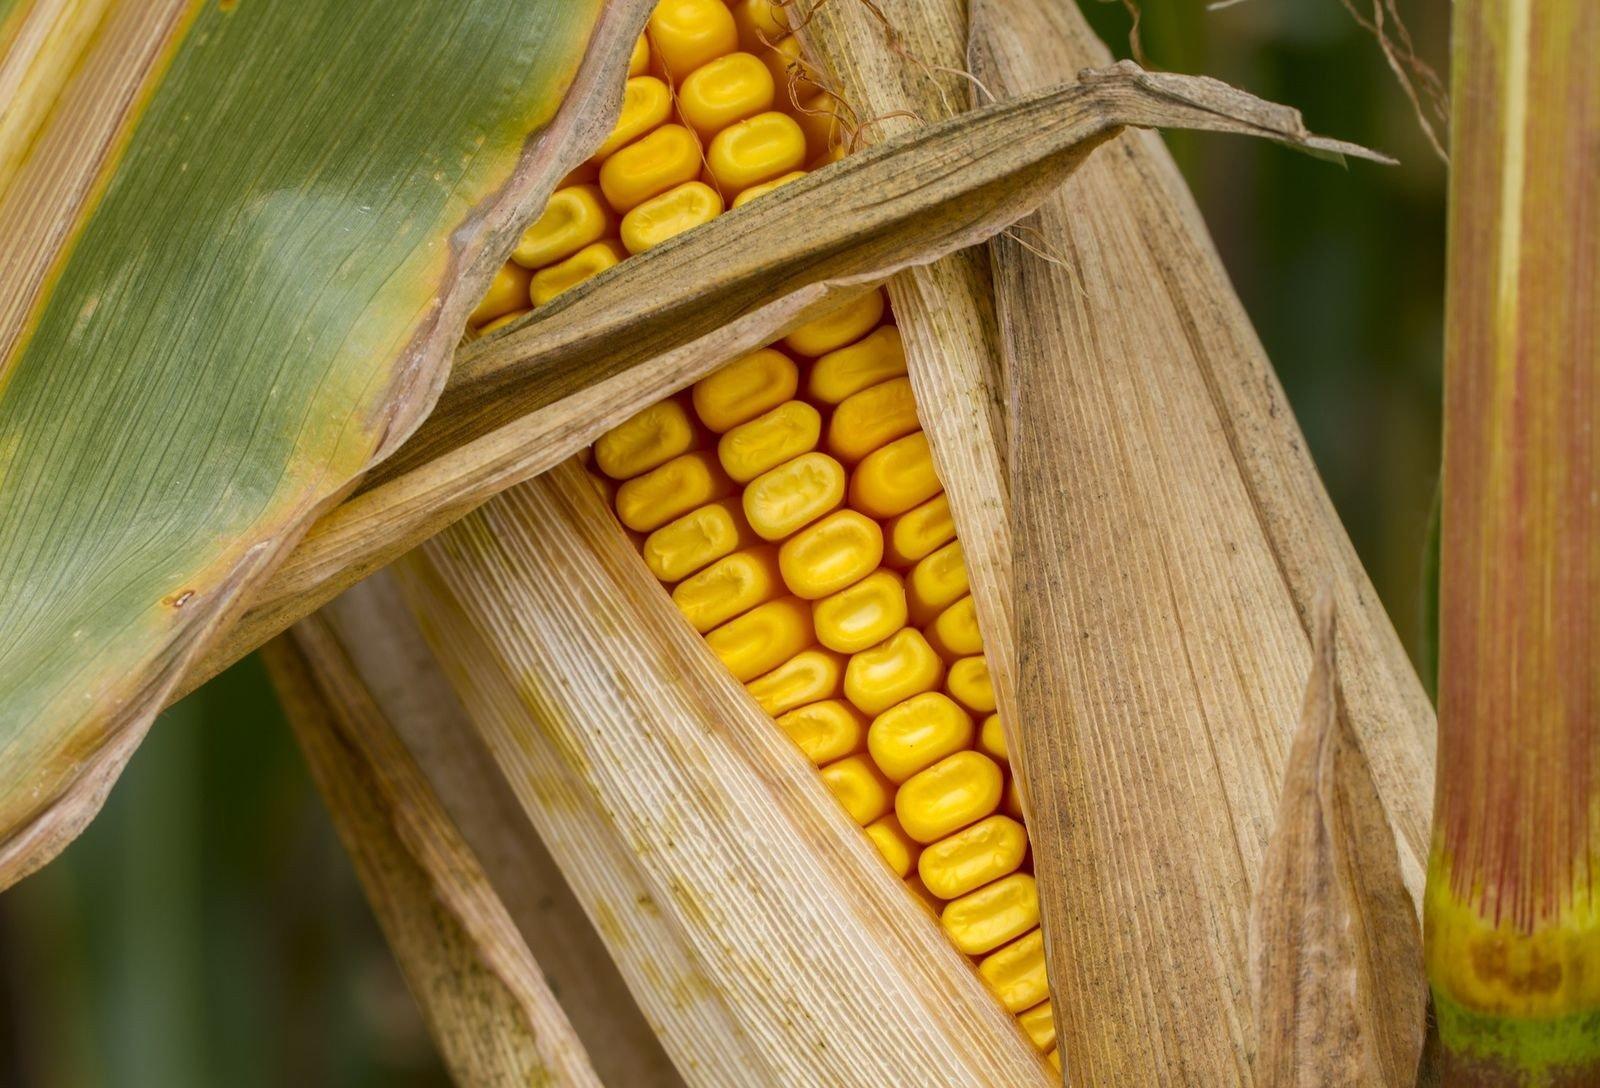 Jász-Nagykun-Szolnok megyében is tesztelik a kukoricát